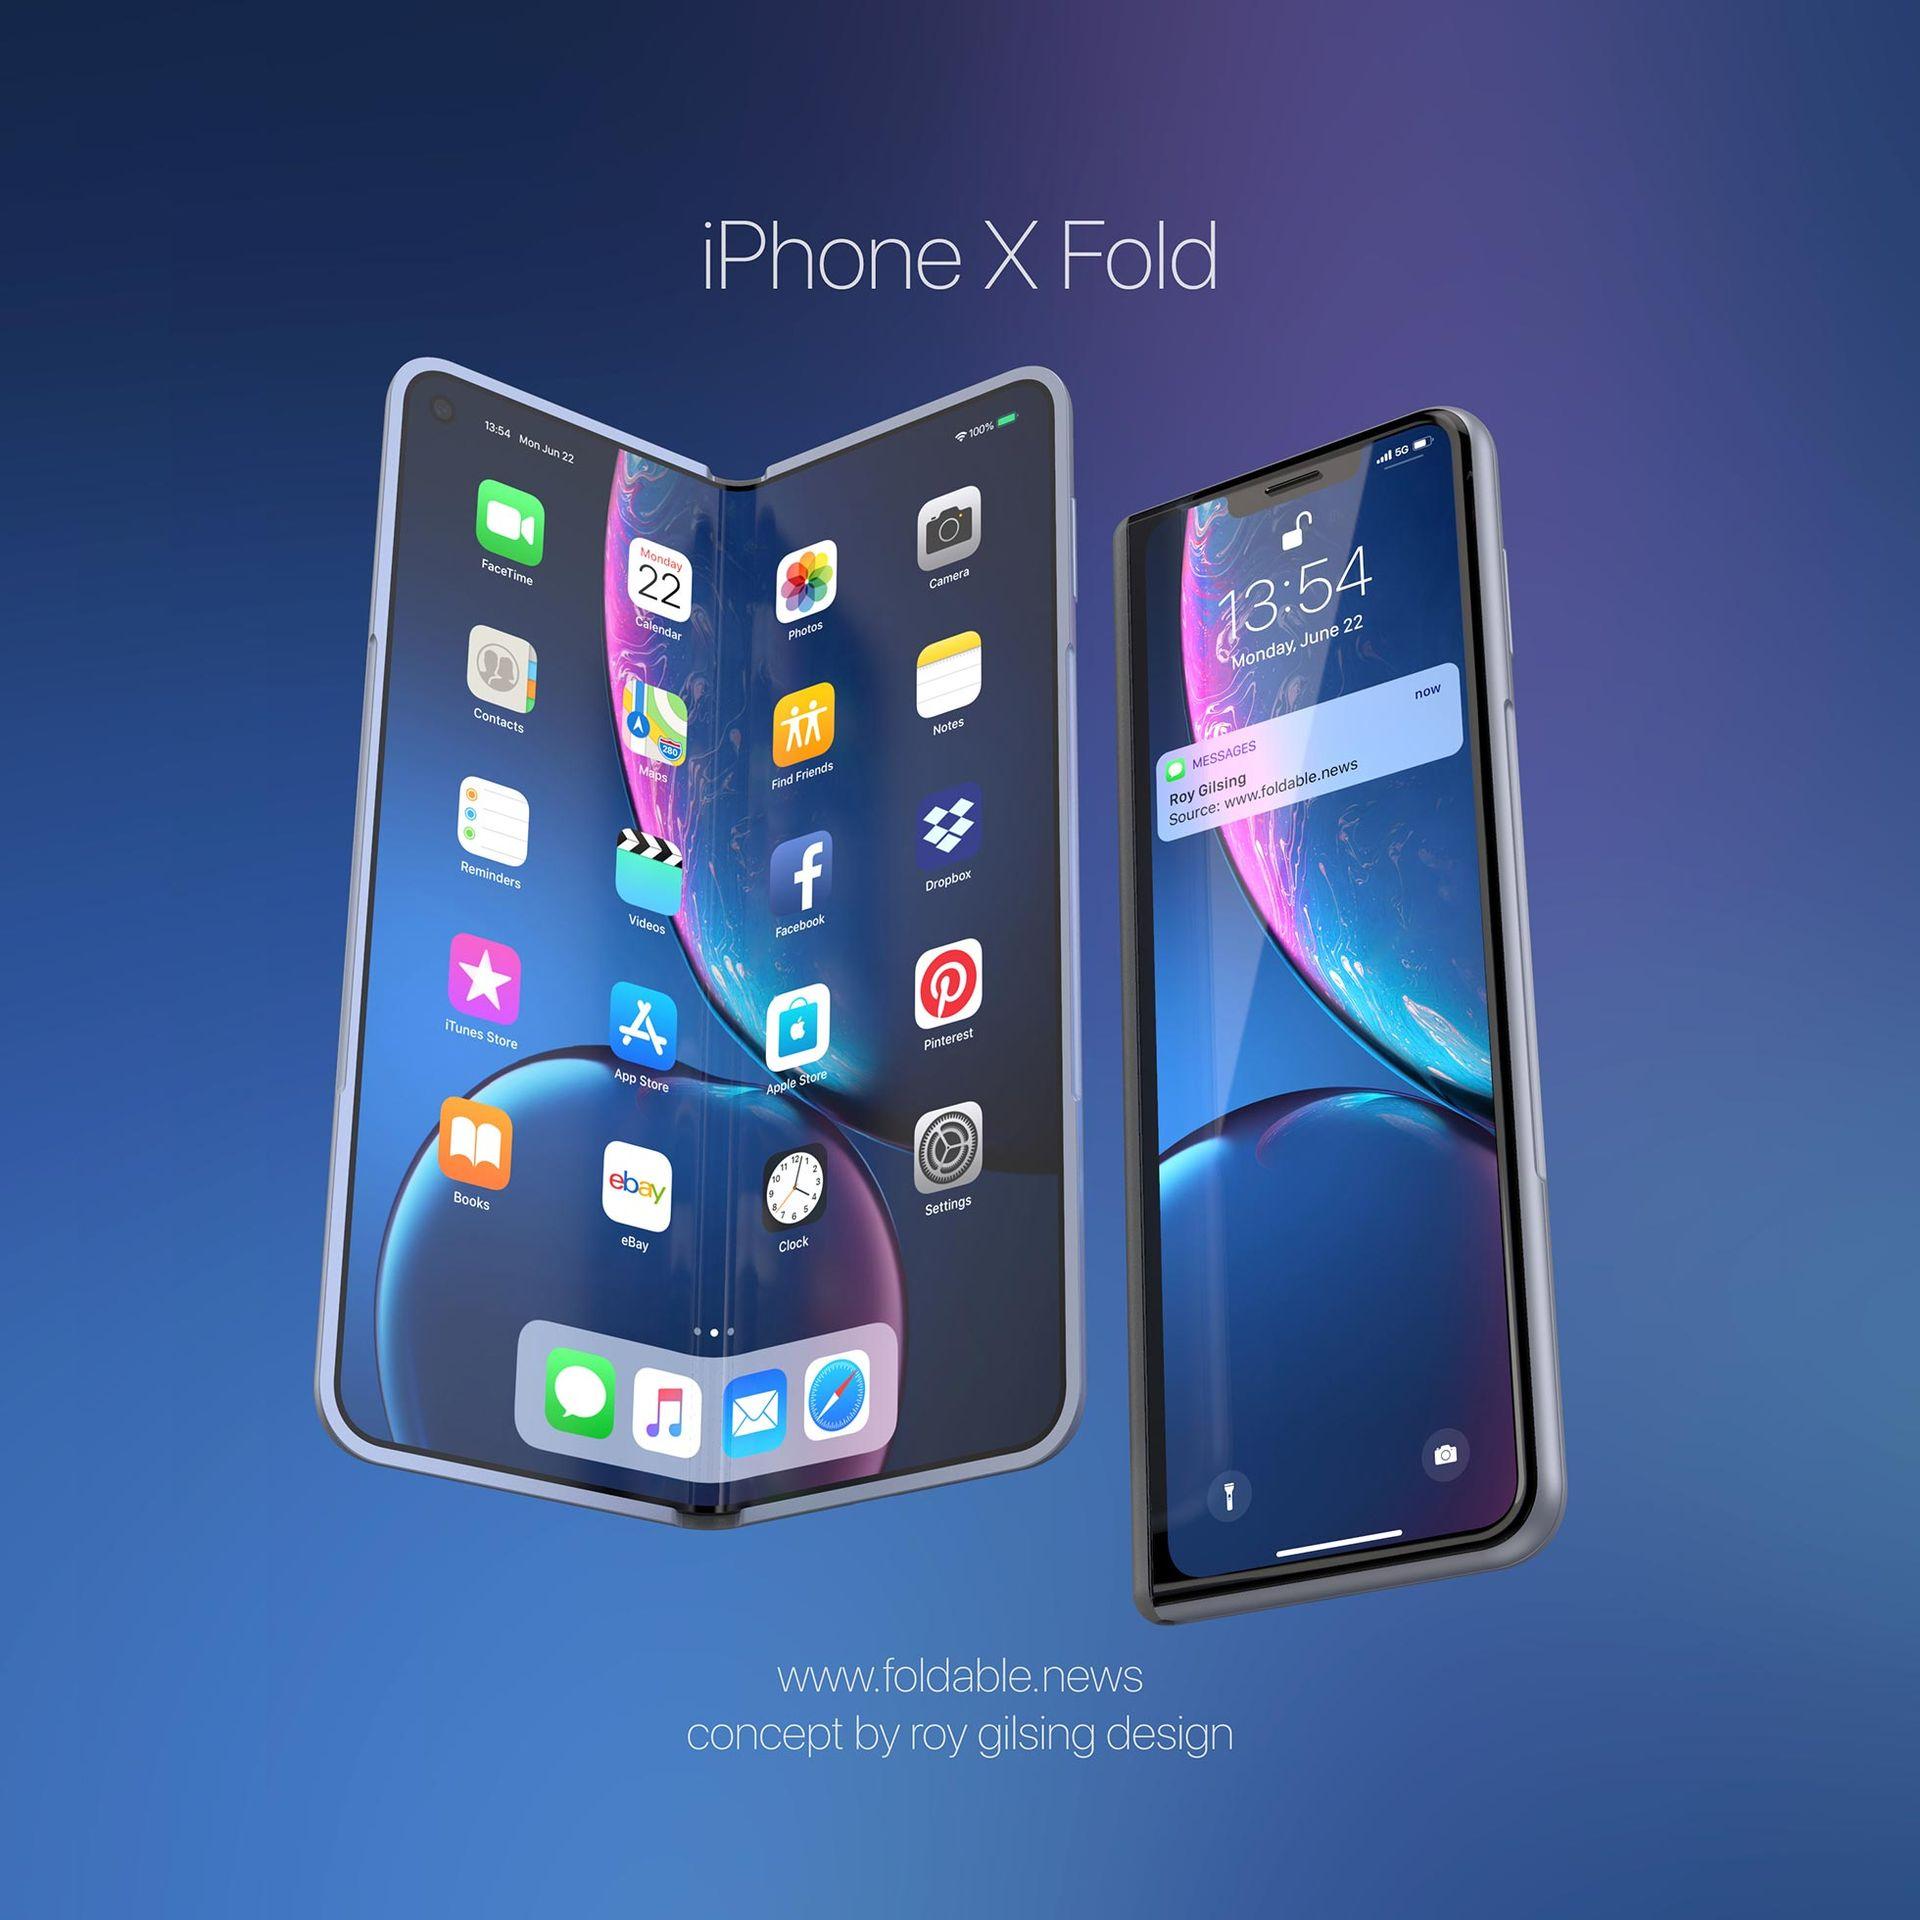 Så här skulle en iPhone X Fold kunna se ut